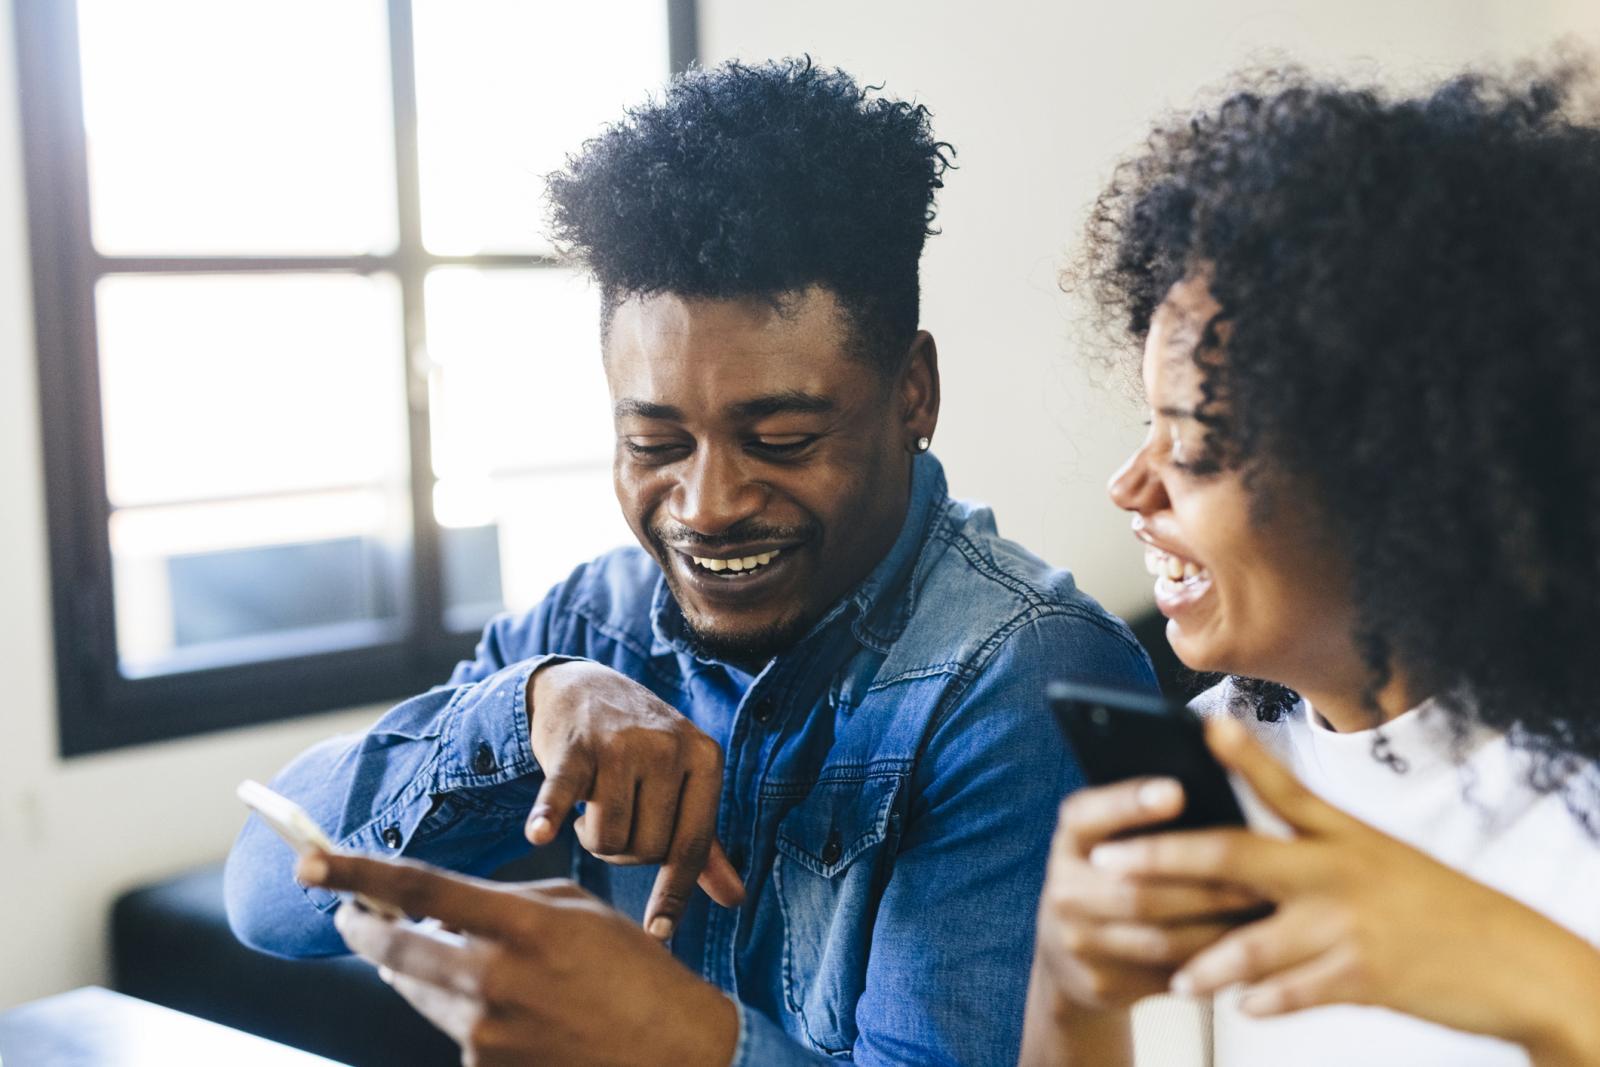 Compartir citas divertidas alegran la relación